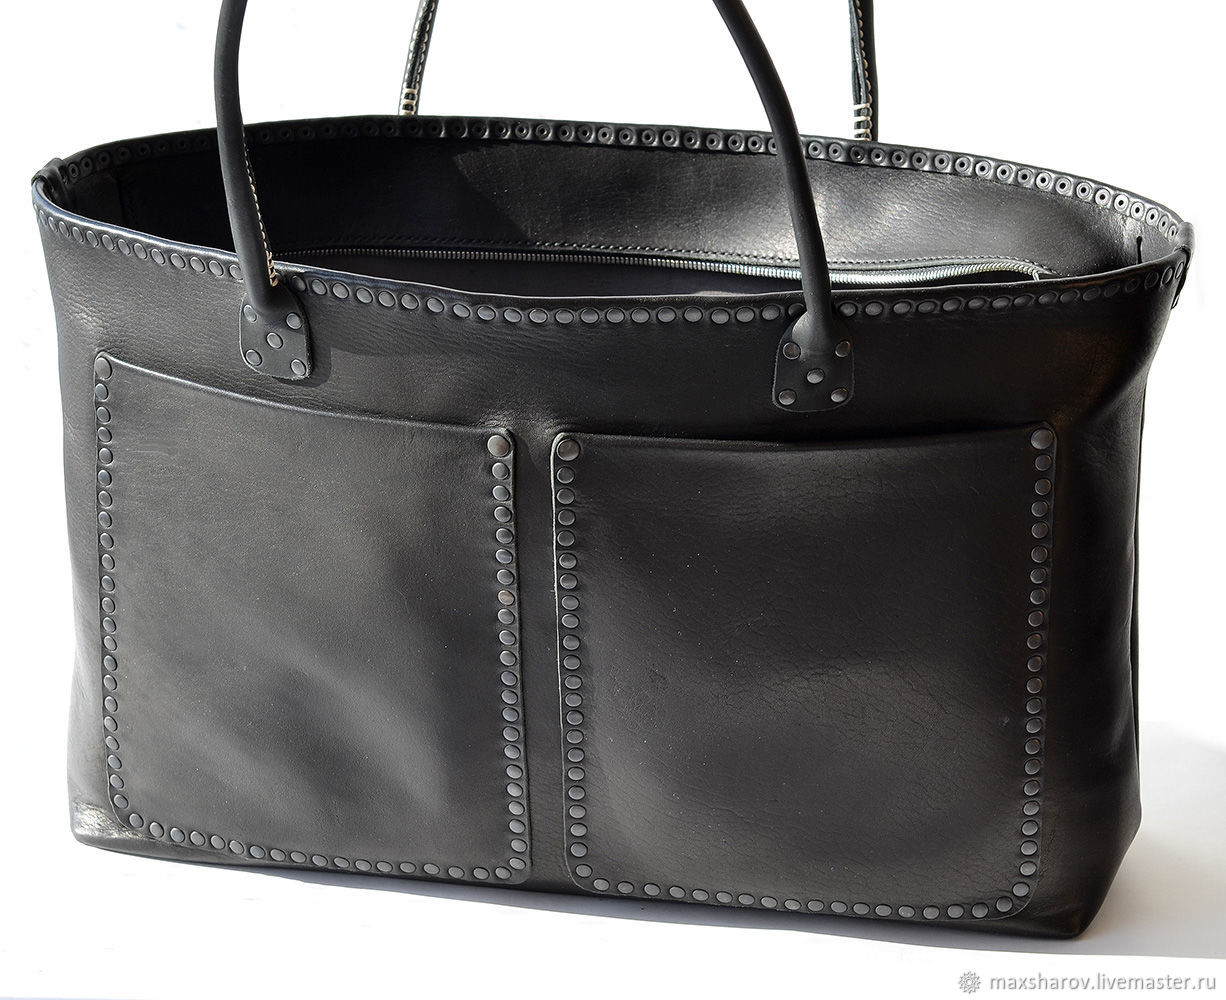 d8ed06175687 Hand crafted leather bag. Art 149 Vena Black – shop online on ...